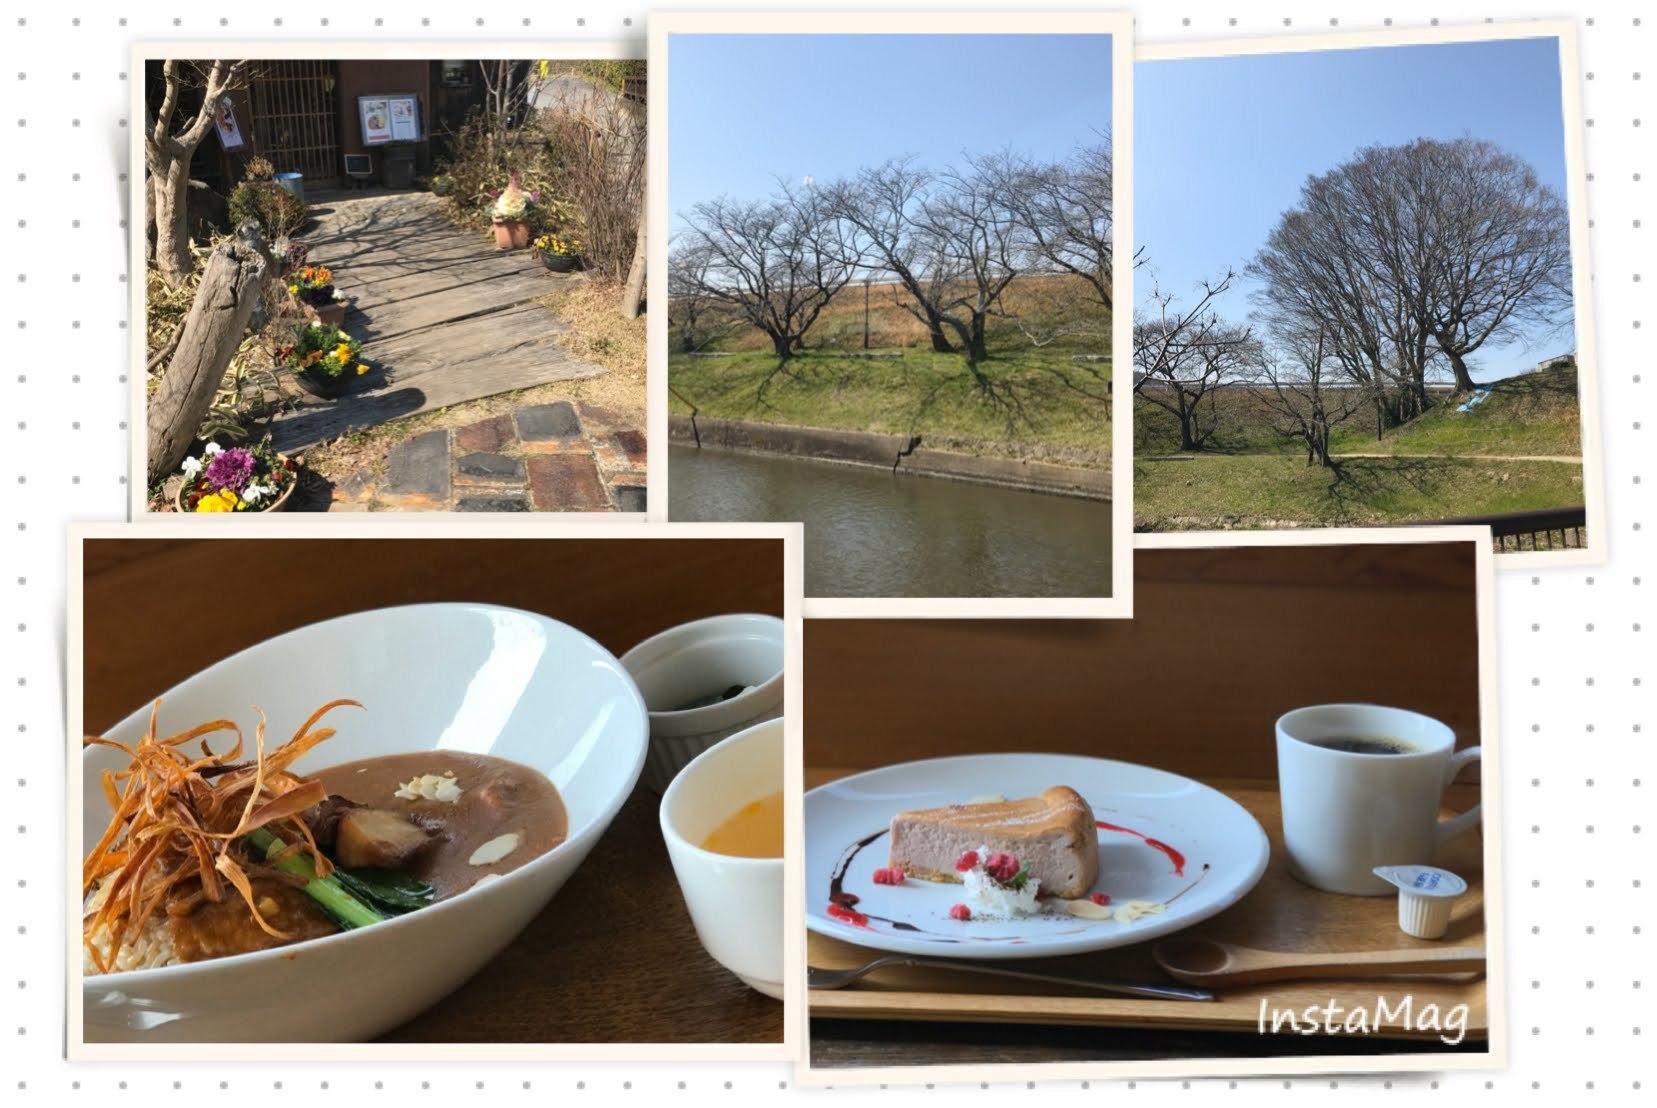 水辺のカフェ de ランチ_c0026824_18061004.jpg